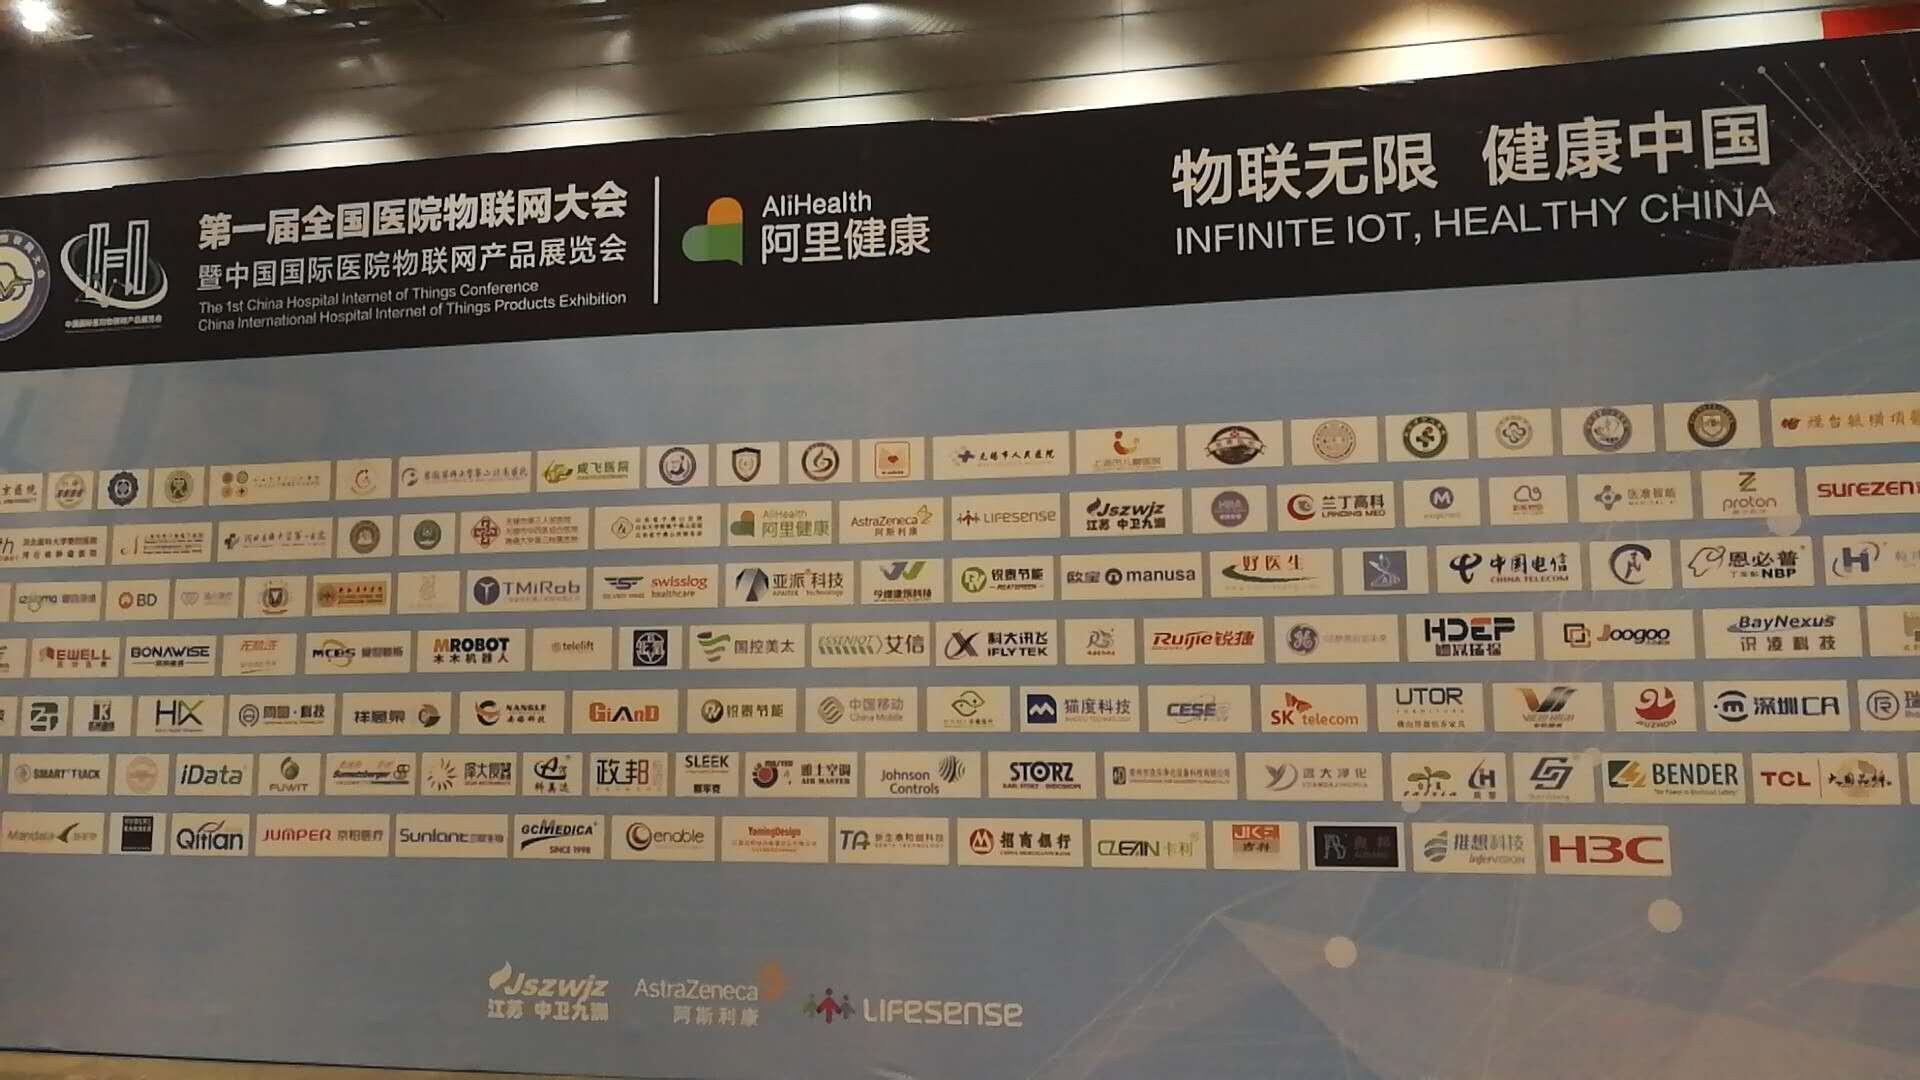 满载而归 – 本德尔携手北京融创诚翔科技有限公司参加第一届全国医院物联网大会